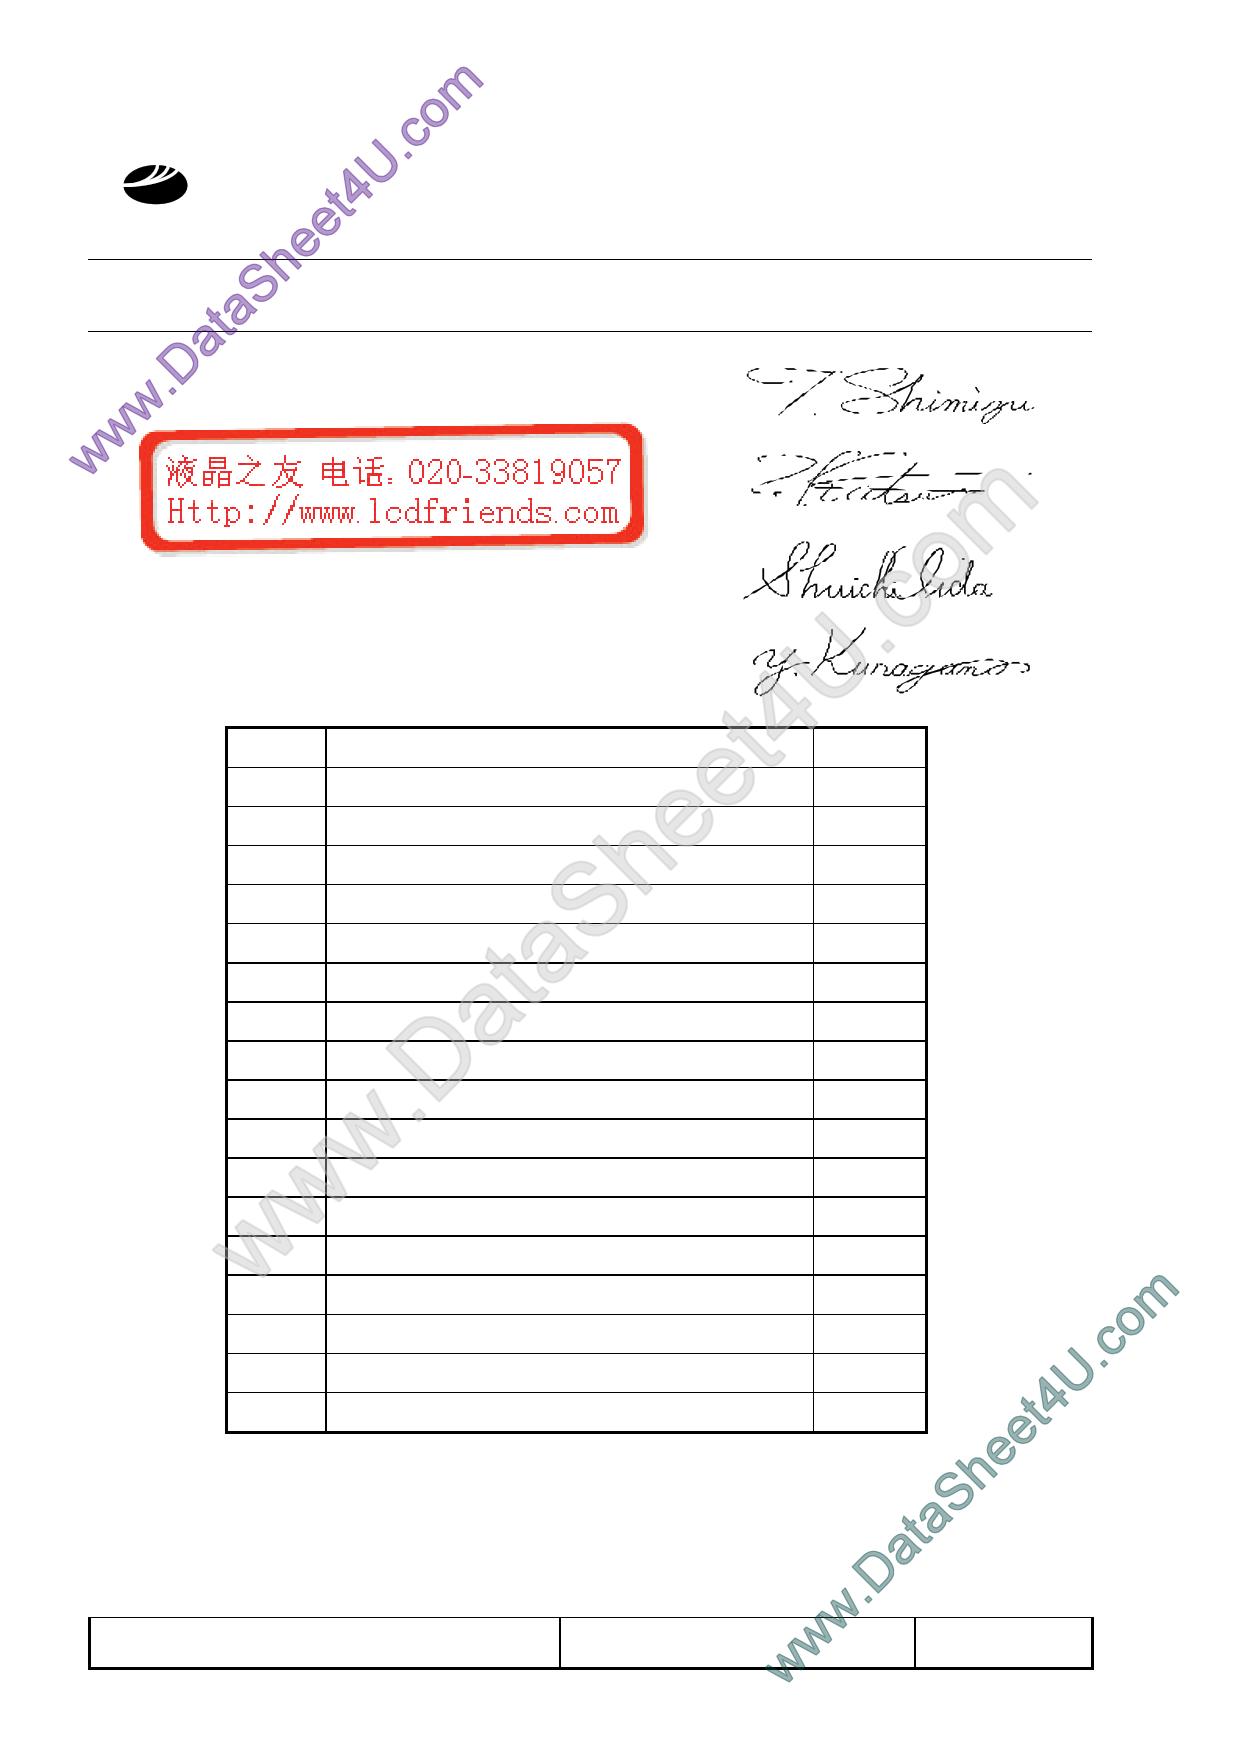 T-51410D104J-FW-P-AC Даташит, Описание, Даташиты